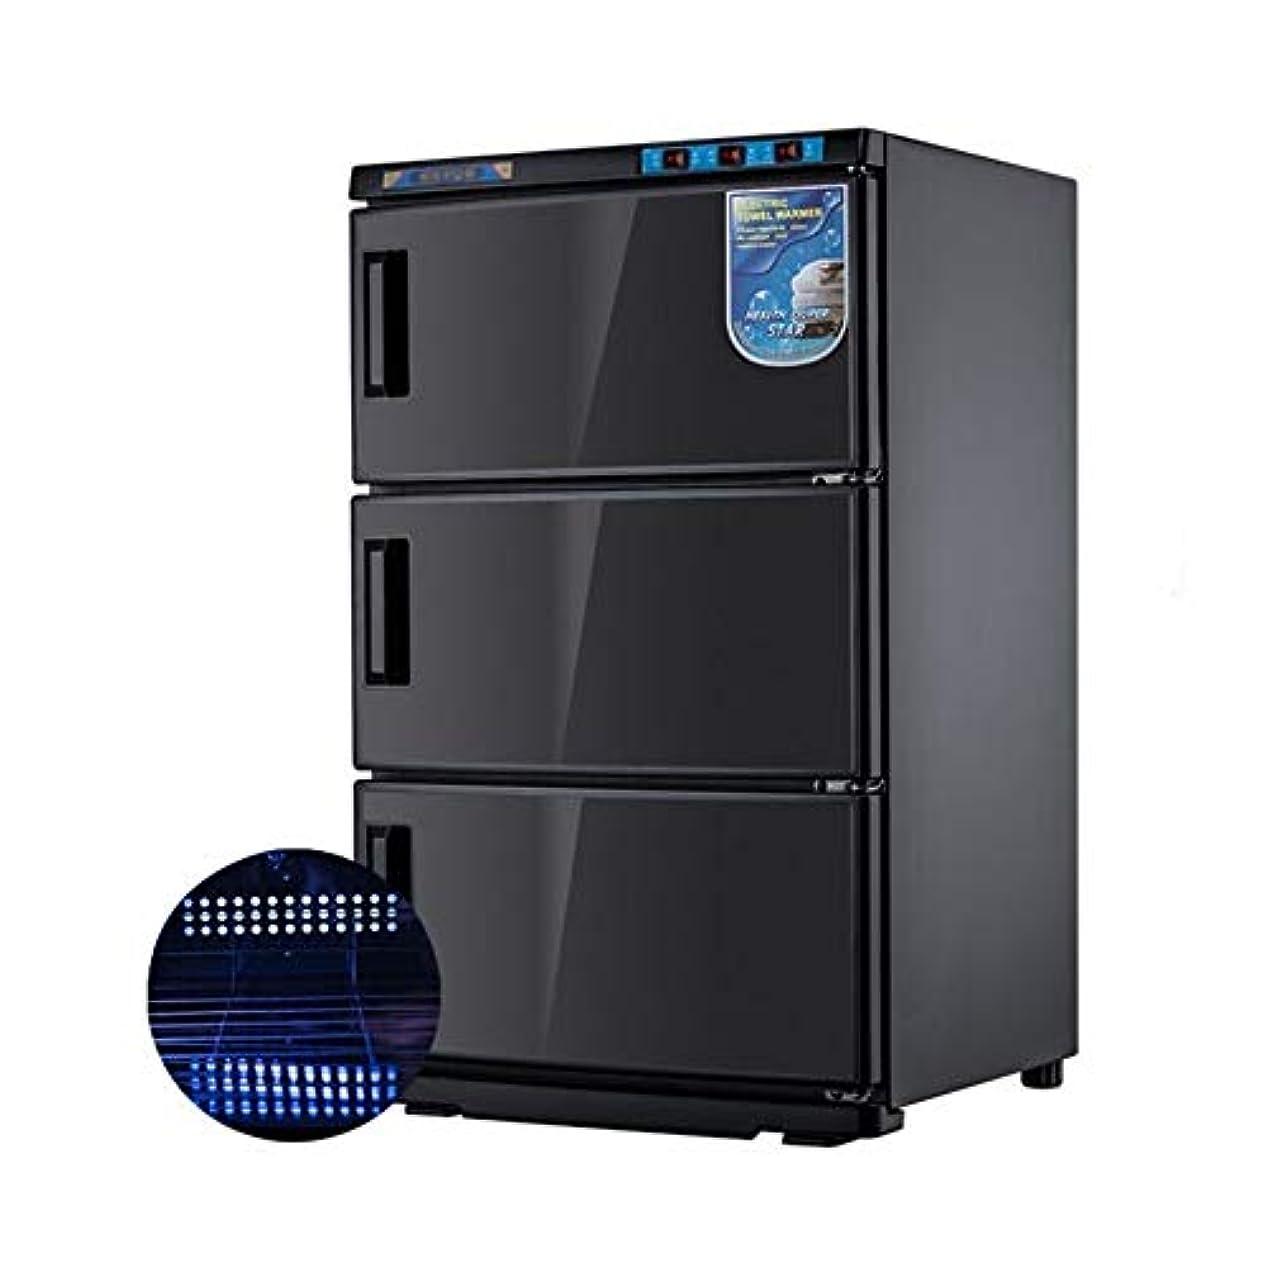 クリーム不変生まれ2in1 75L UV滅菌器ホットタオルウォーマーキャビネットウェットタオルヒーターフェイシャルスキンSPAマッサージヘアビューティーサロン機器(ブラック)